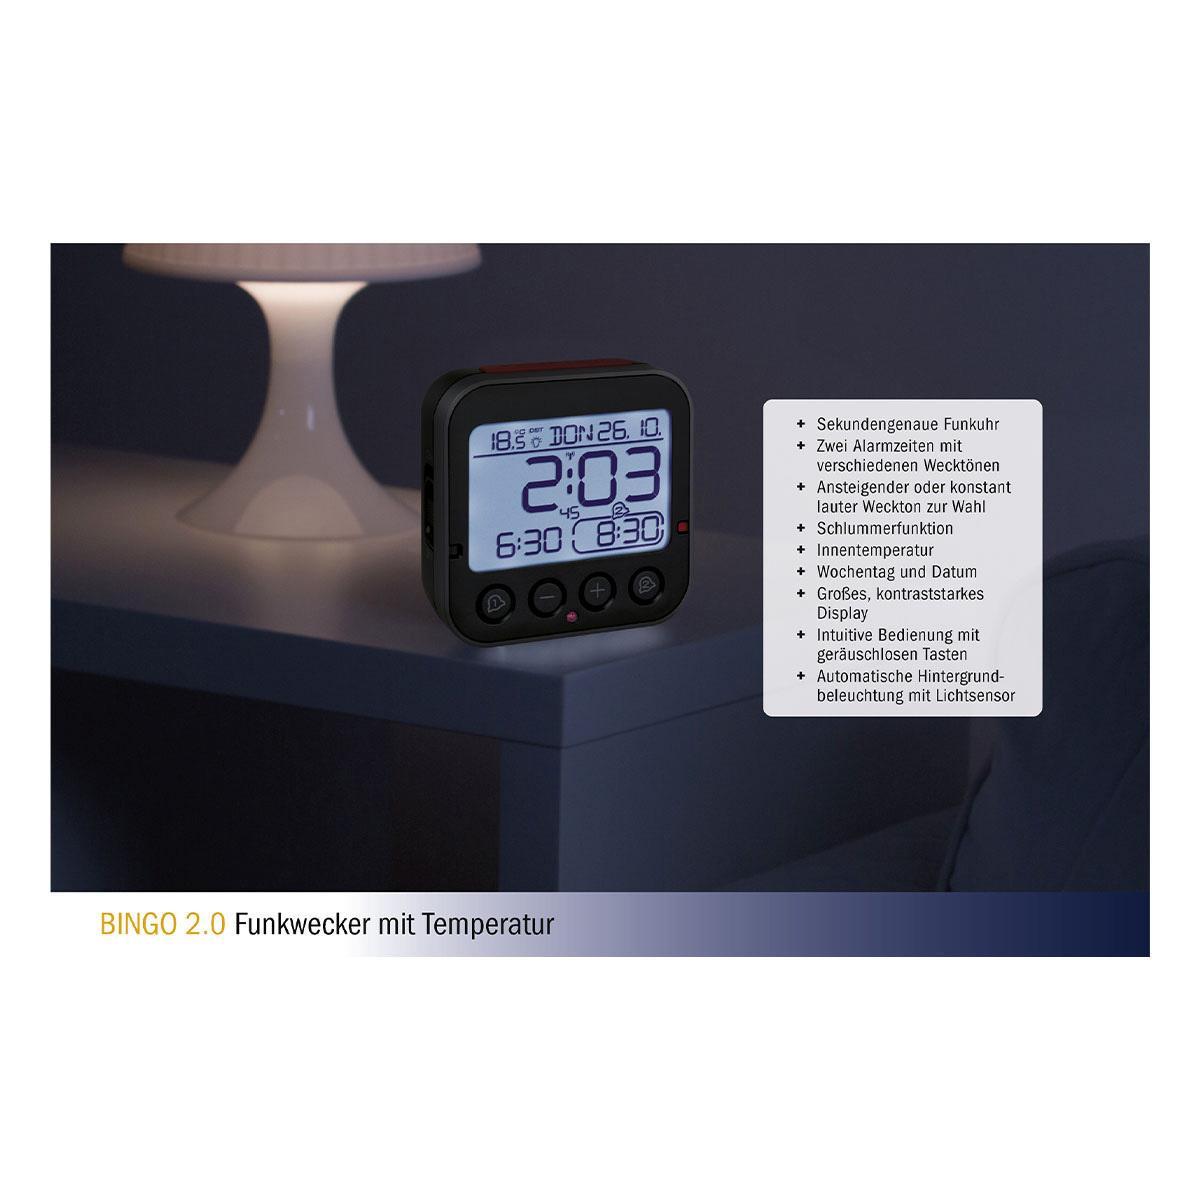 60-2550-01-digitaler-funk-wecker-mit-temperatur-bingo-2-0-vorteile-1200x1200px.jpg